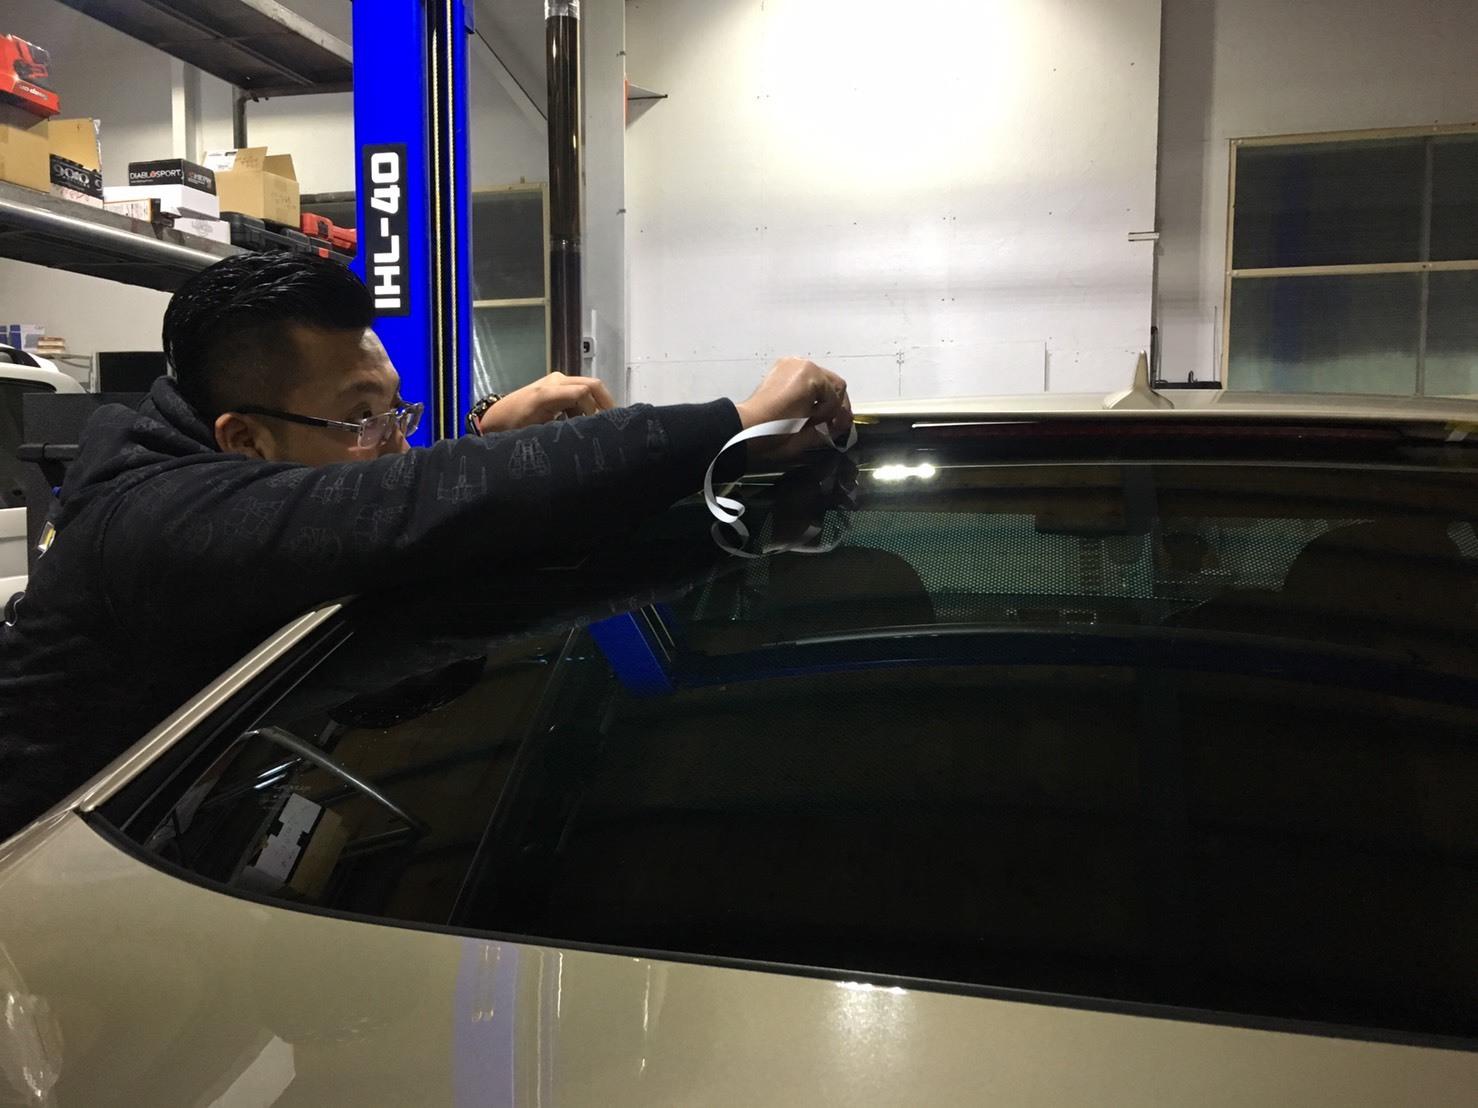 1月29日(月)トミーベース カスタムブログ☆新型ヴェルファイア LS460ご成約☆A様BMW納車☆_b0127002_11501119.jpg